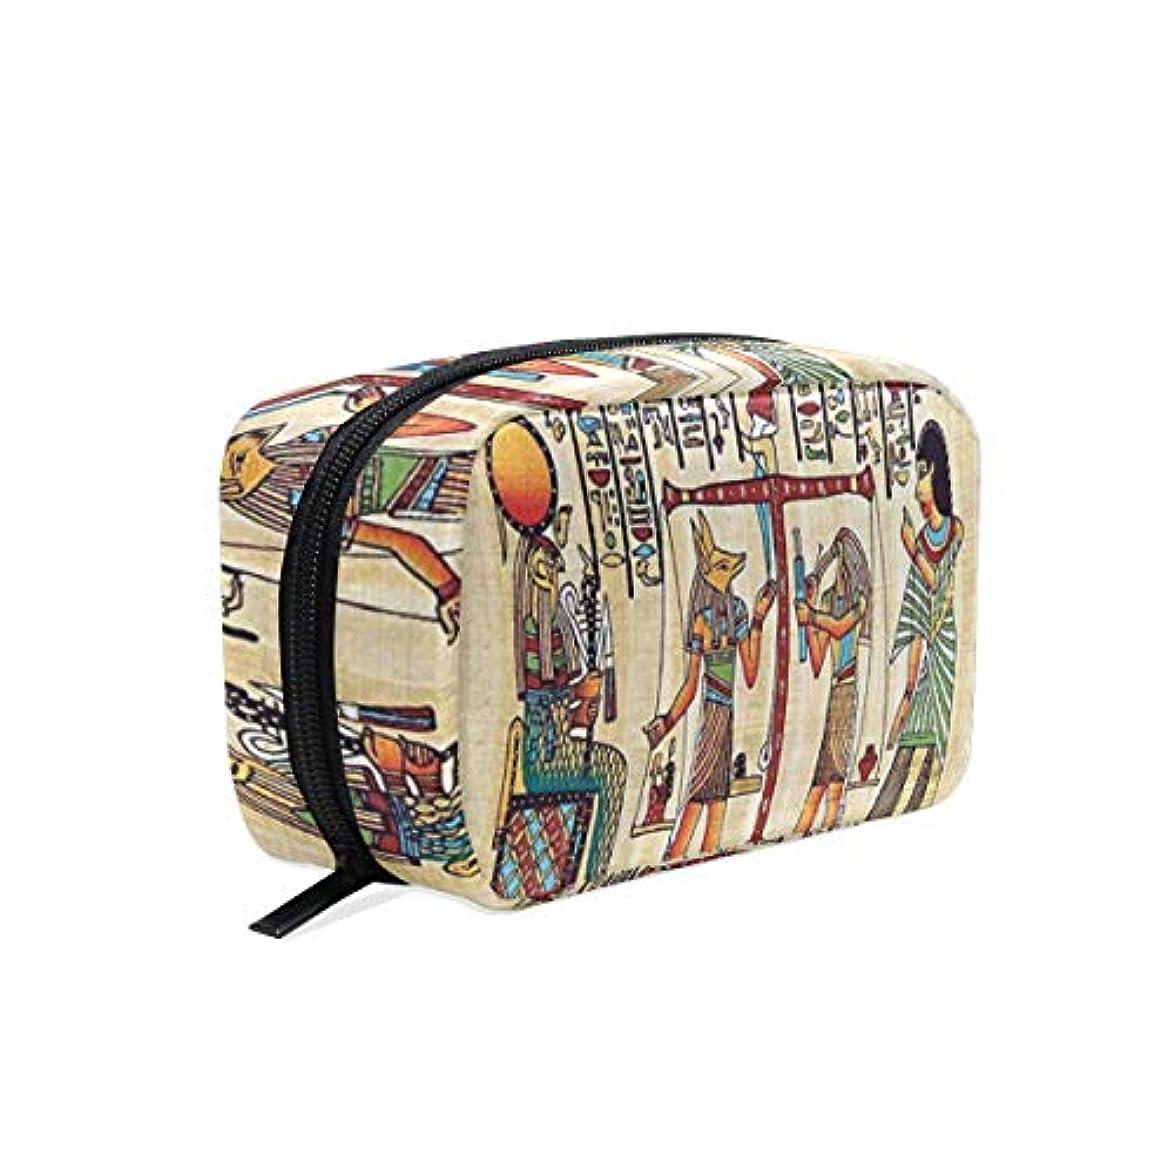 保守可能ラリー精神CW-Story エジプト装飾 女性の化粧ポーチ コスメケース 旅行 化粧品 収納 雑貨 小物入れ 出張用バック 超軽量 機能的 大容量